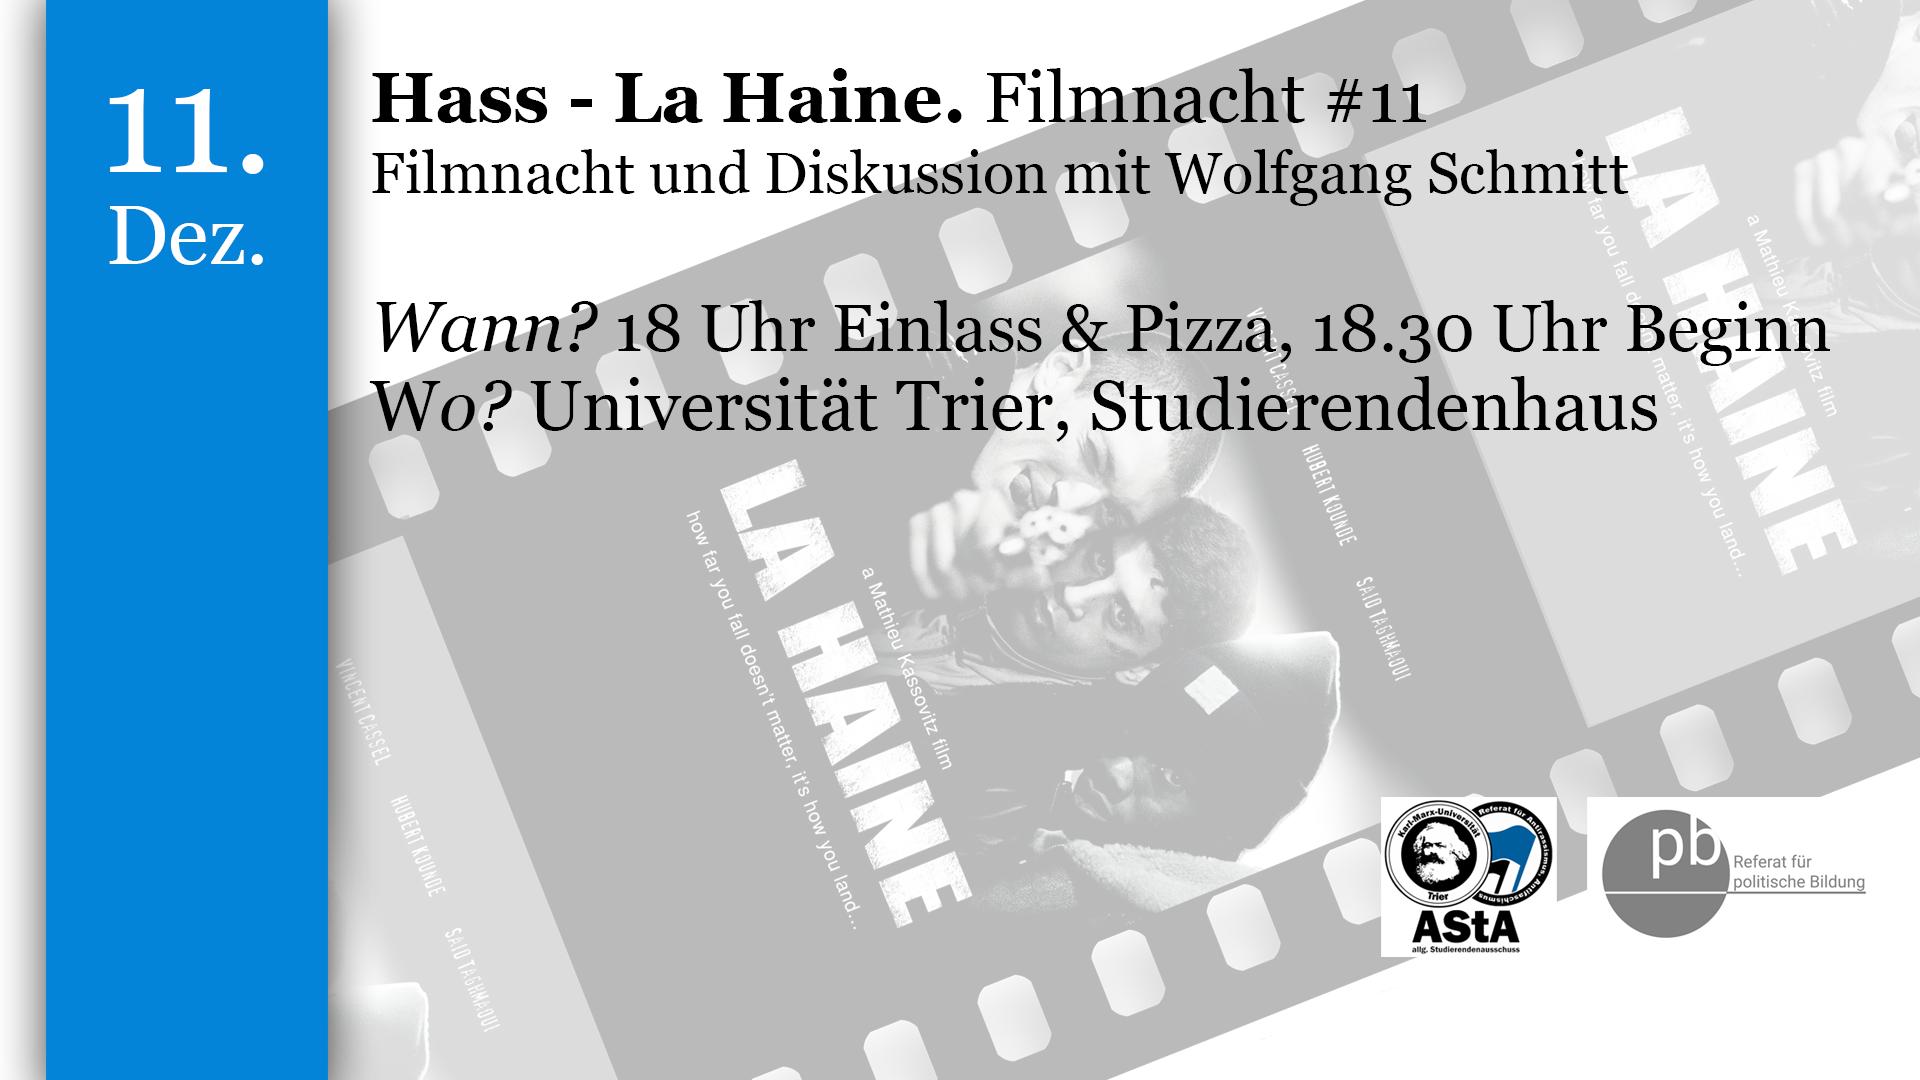 filmnacht11